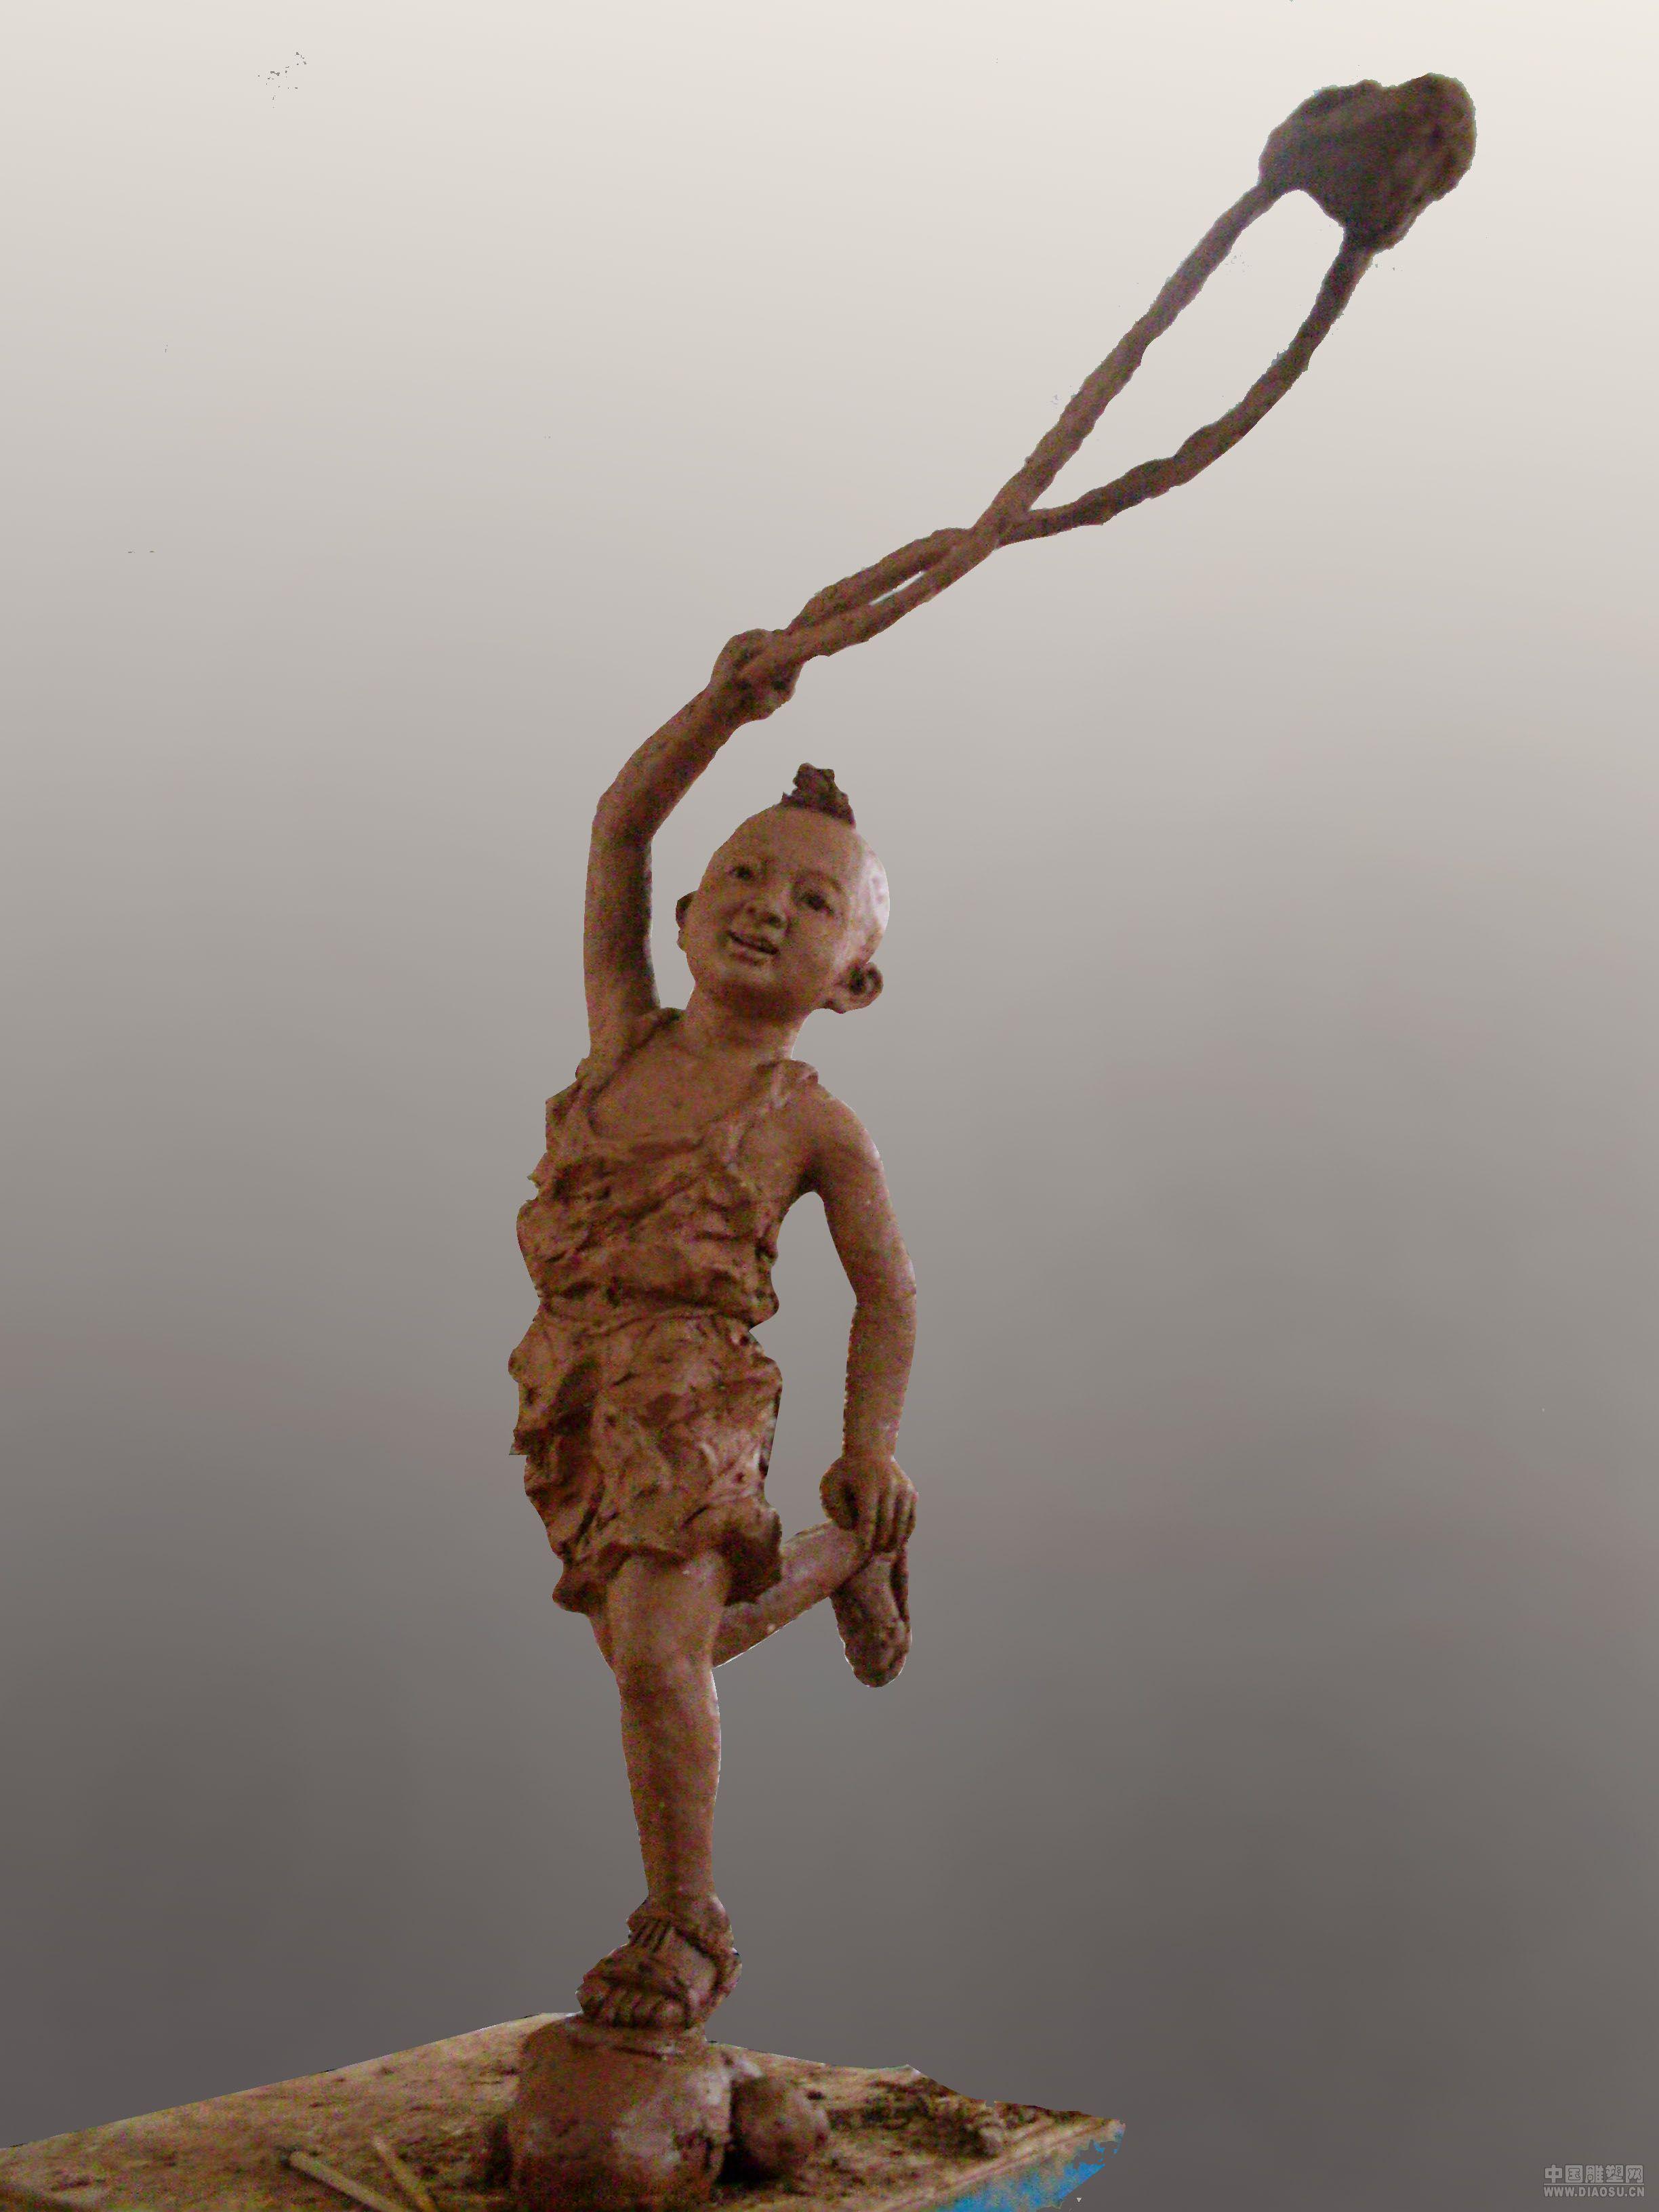 泥雕塑    4 - h_x_y_123456 - 何晓昱的文化艺术博客